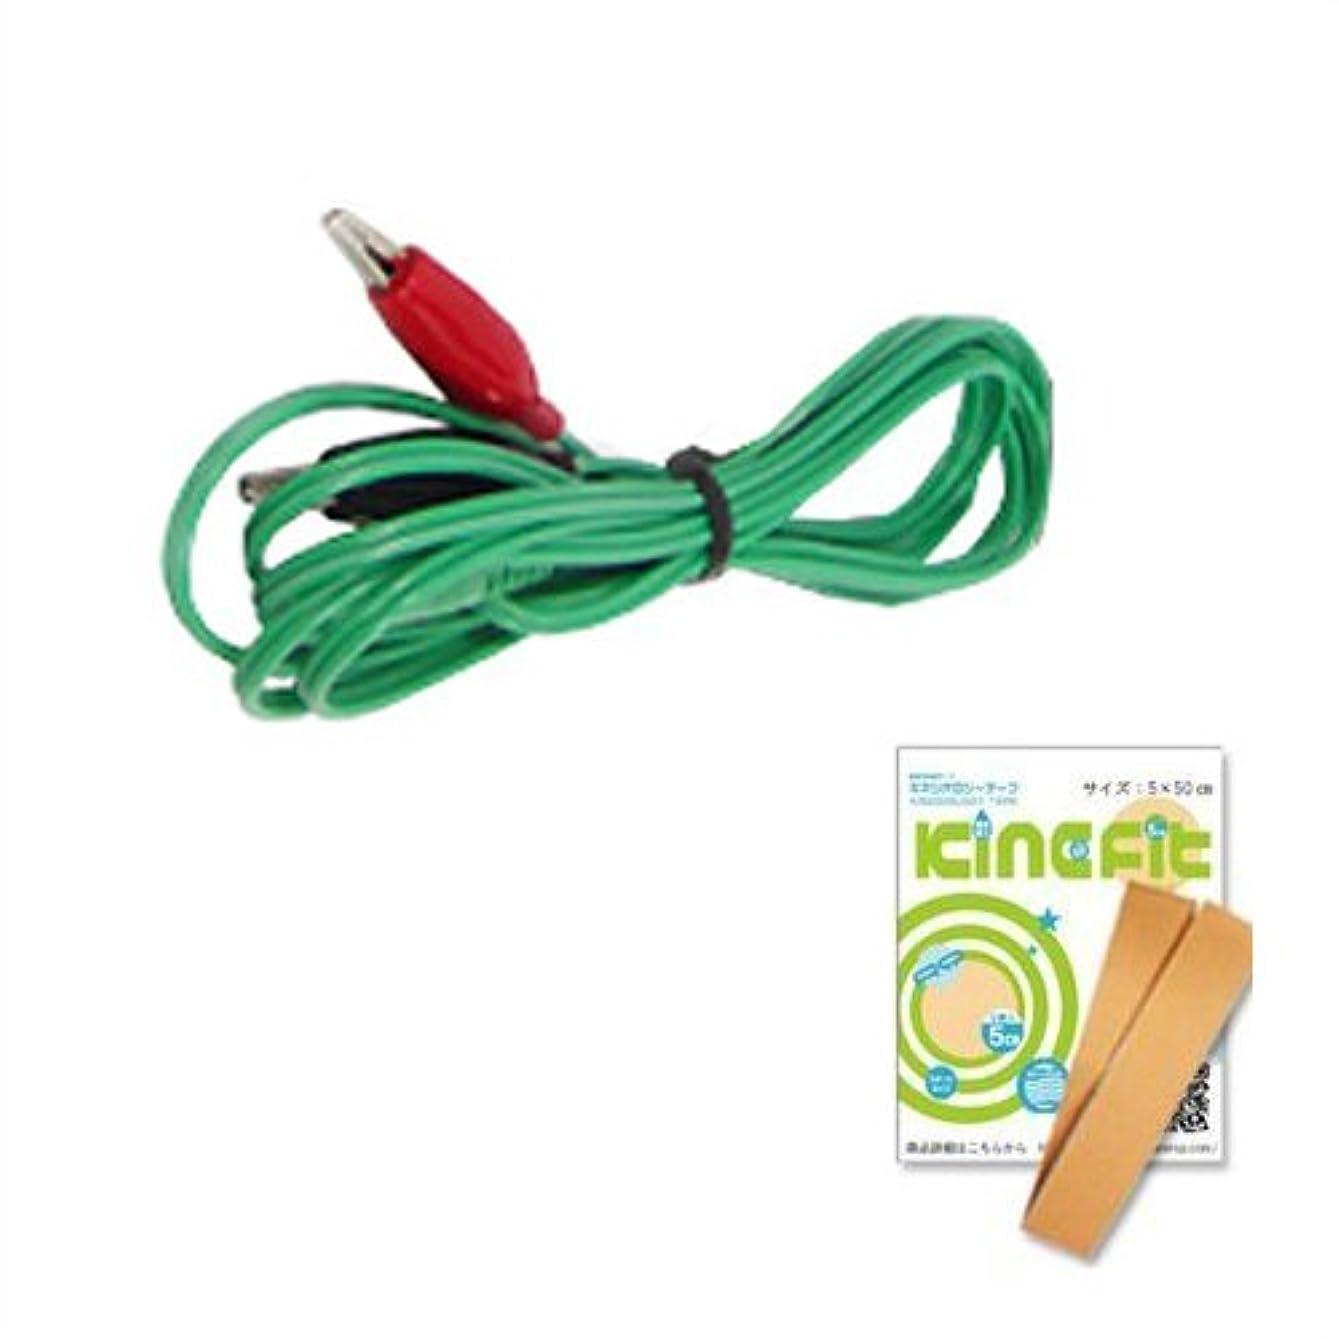 コピーに対応する芝生ラスパーエース(Lasper-A) 新通電コード (グリーン) 1本 KE-116E + キネフィットお試し用5cm×50cm付